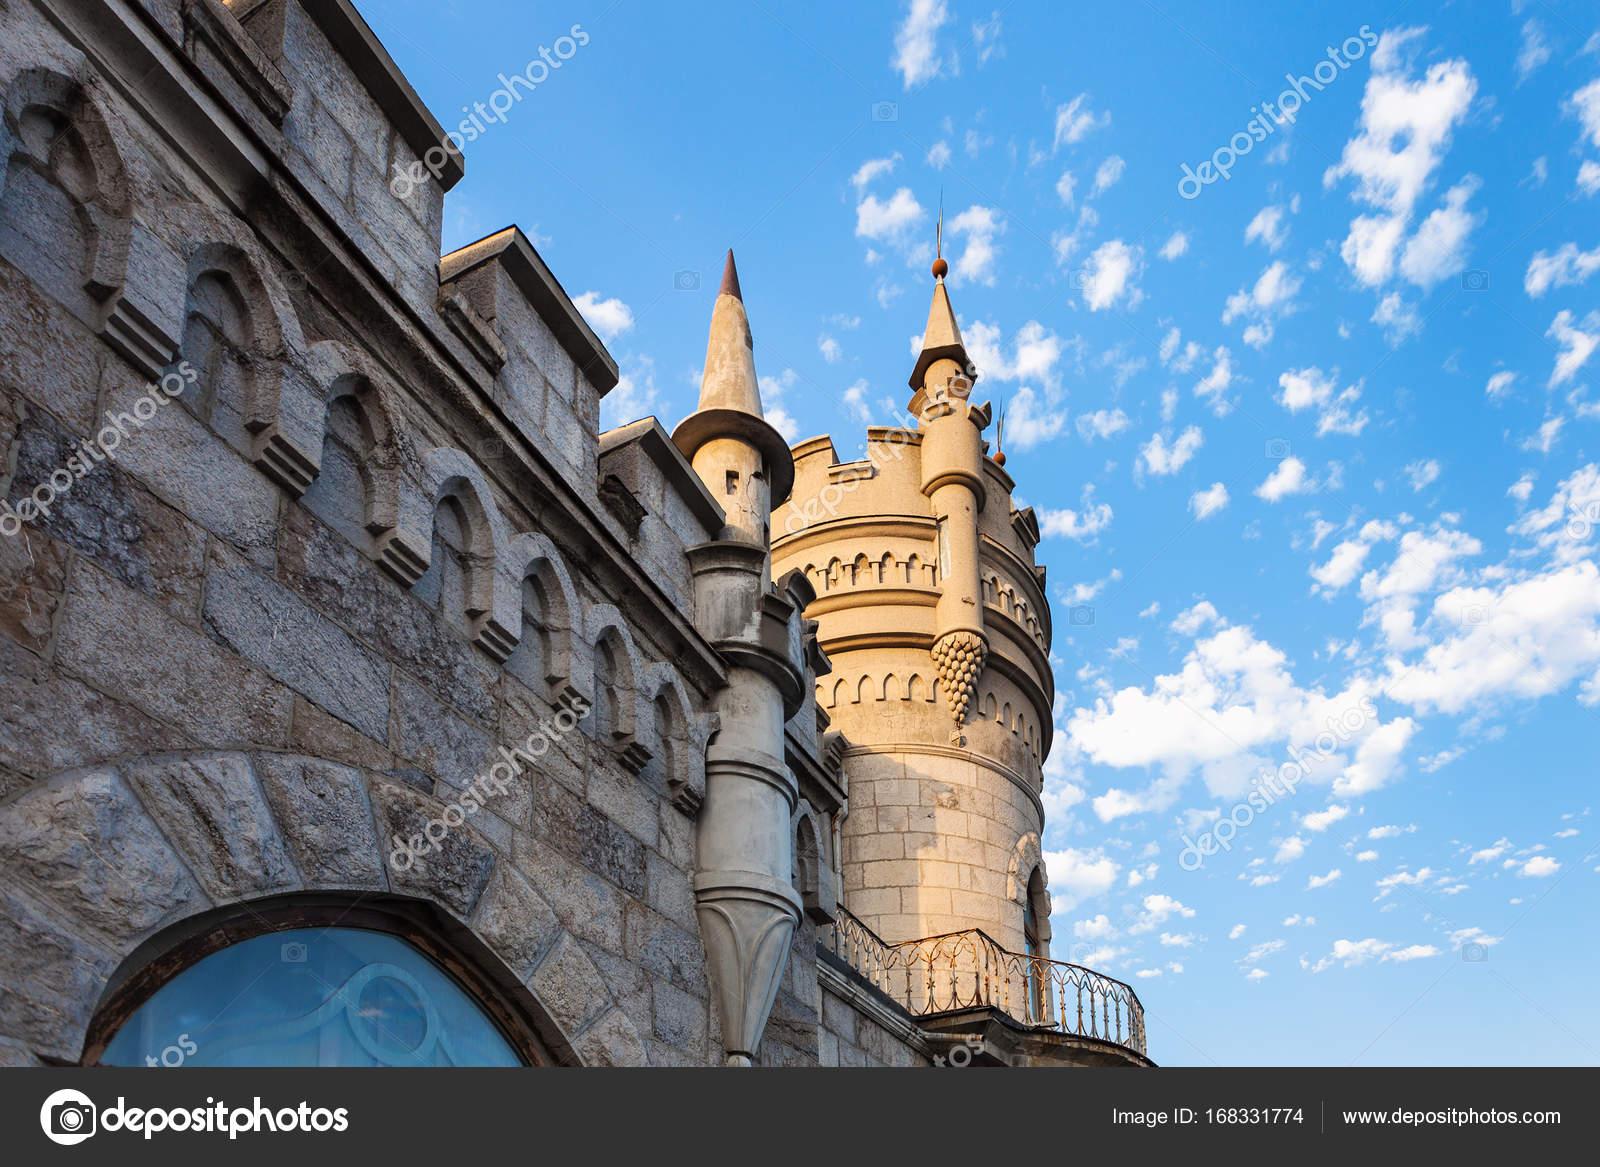 Muur en toren van slikken nest kasteel op de krim u2014 stockfoto